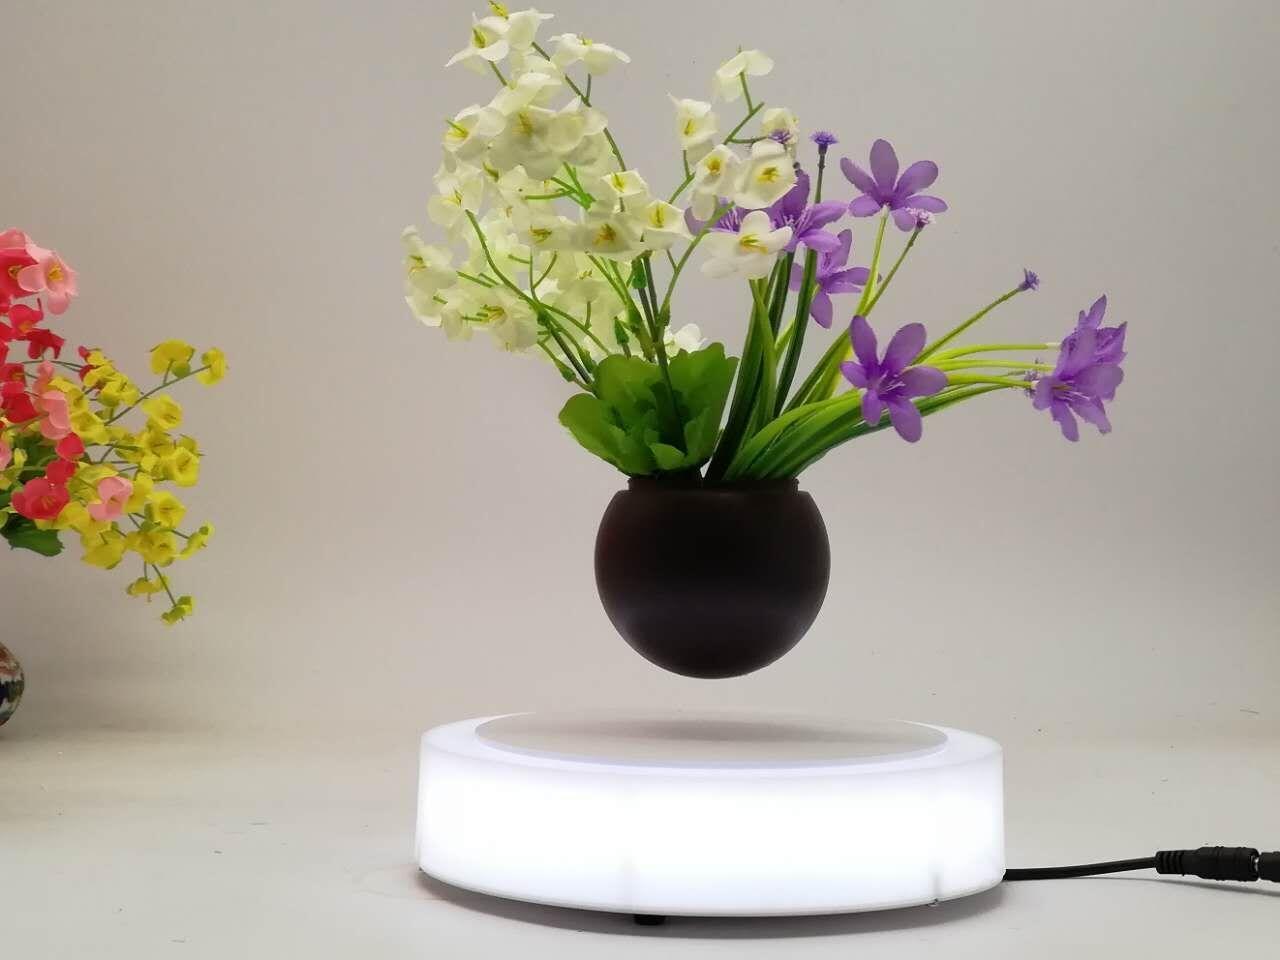 led light magnetic floating levitating air bonsai pot planter tree 0-500g 1